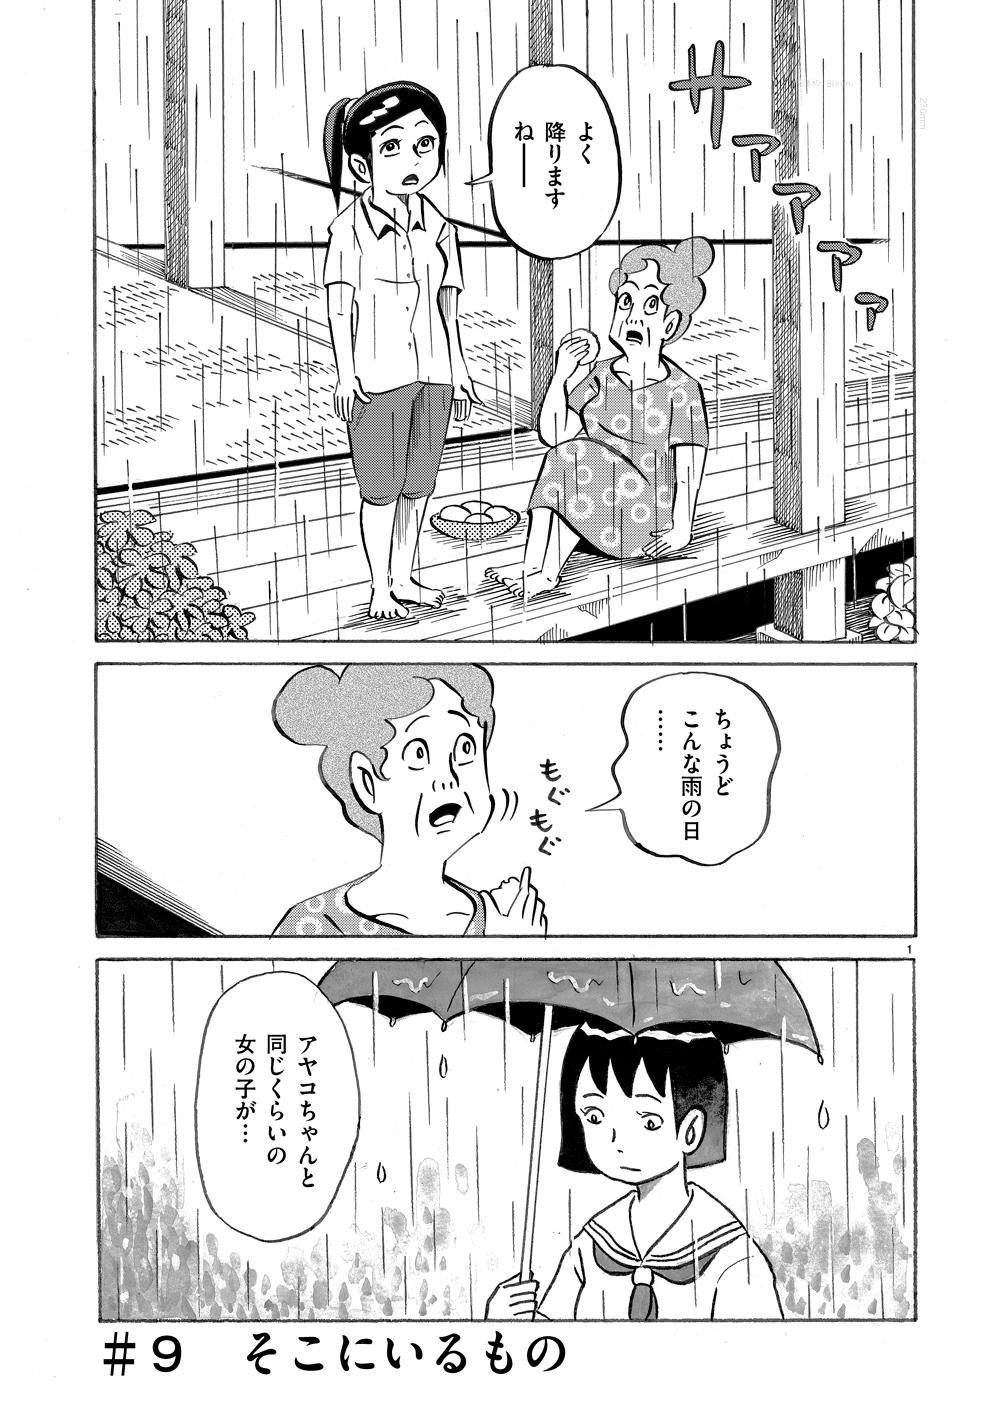 琉球怪談 【第9話】WEB掲載1ページ目画像